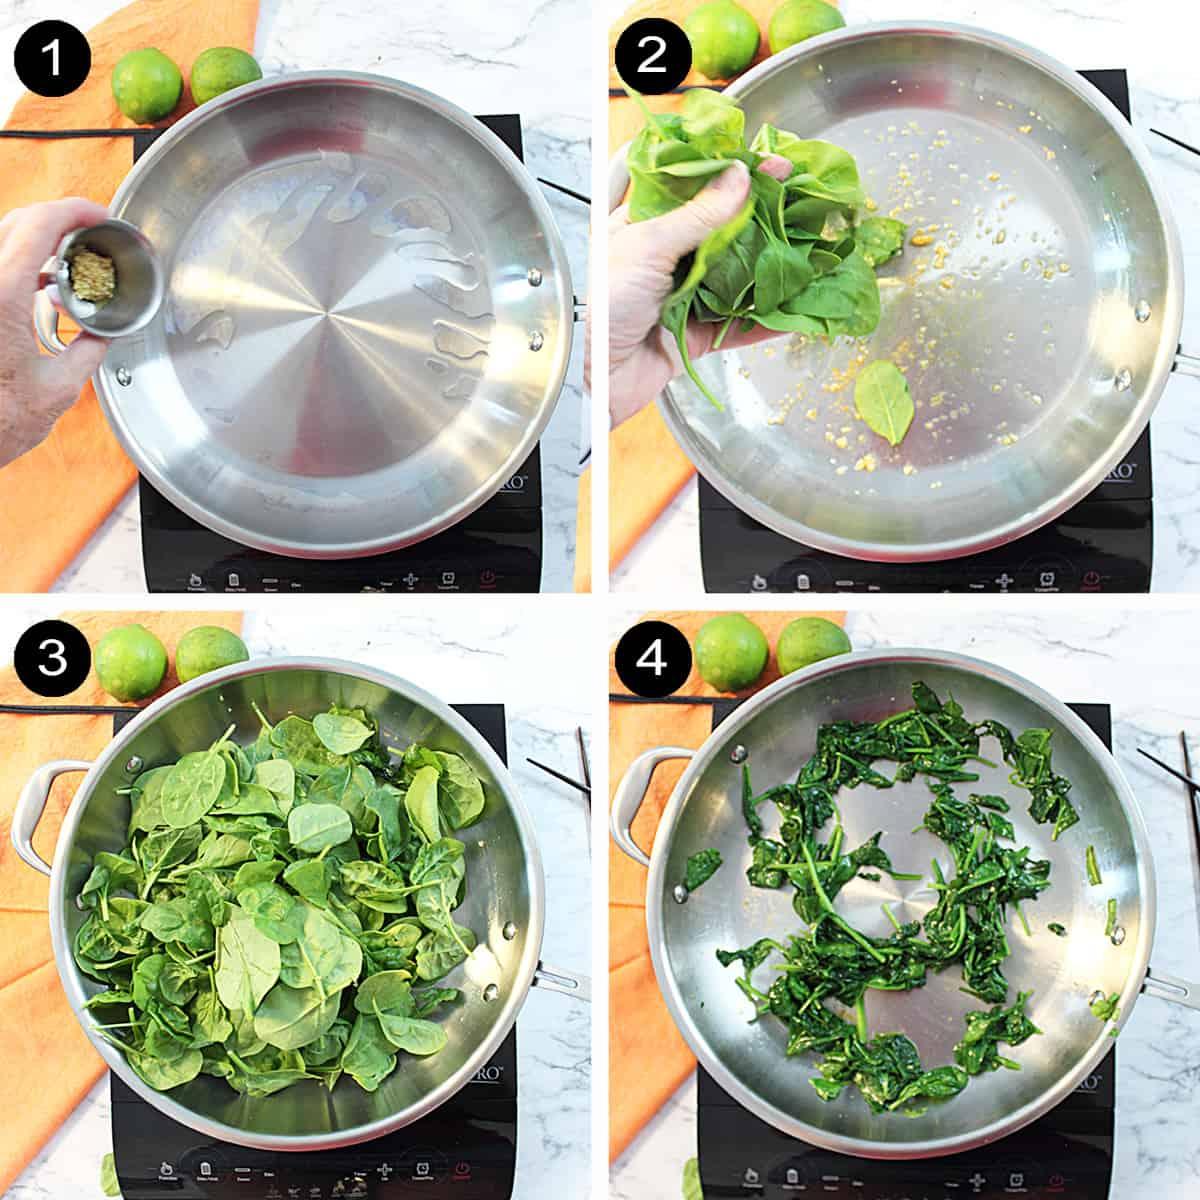 Steps to make garlic spinach.